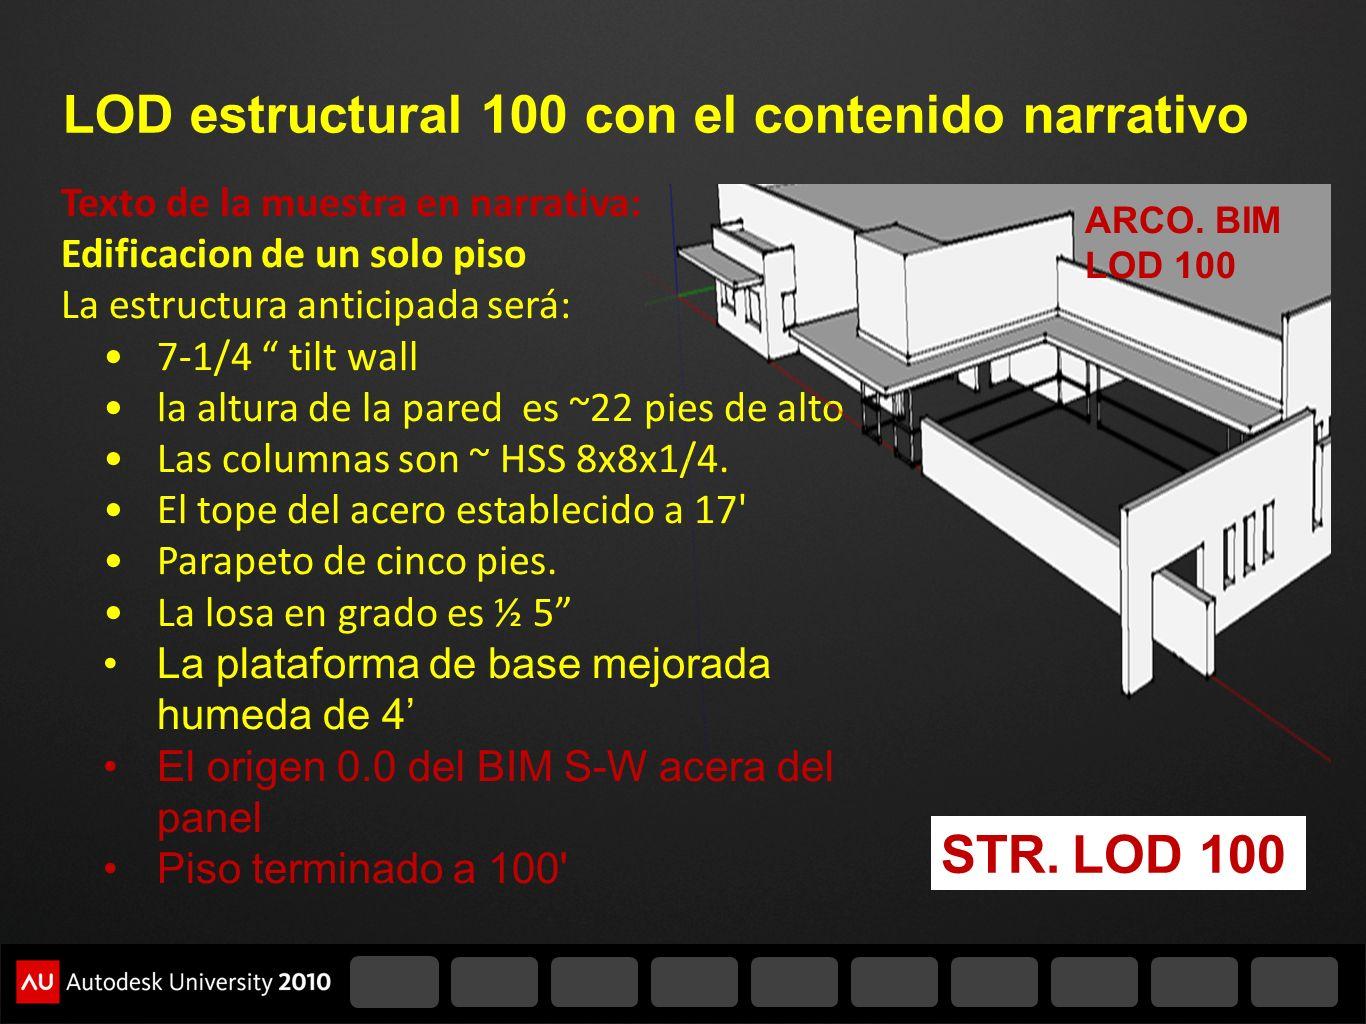 LOD estructural 100 con el contenido narrativo Texto de la muestra en narrativa: Edificacion de un solo piso La estructura anticipada será: 7-1/4 tilt